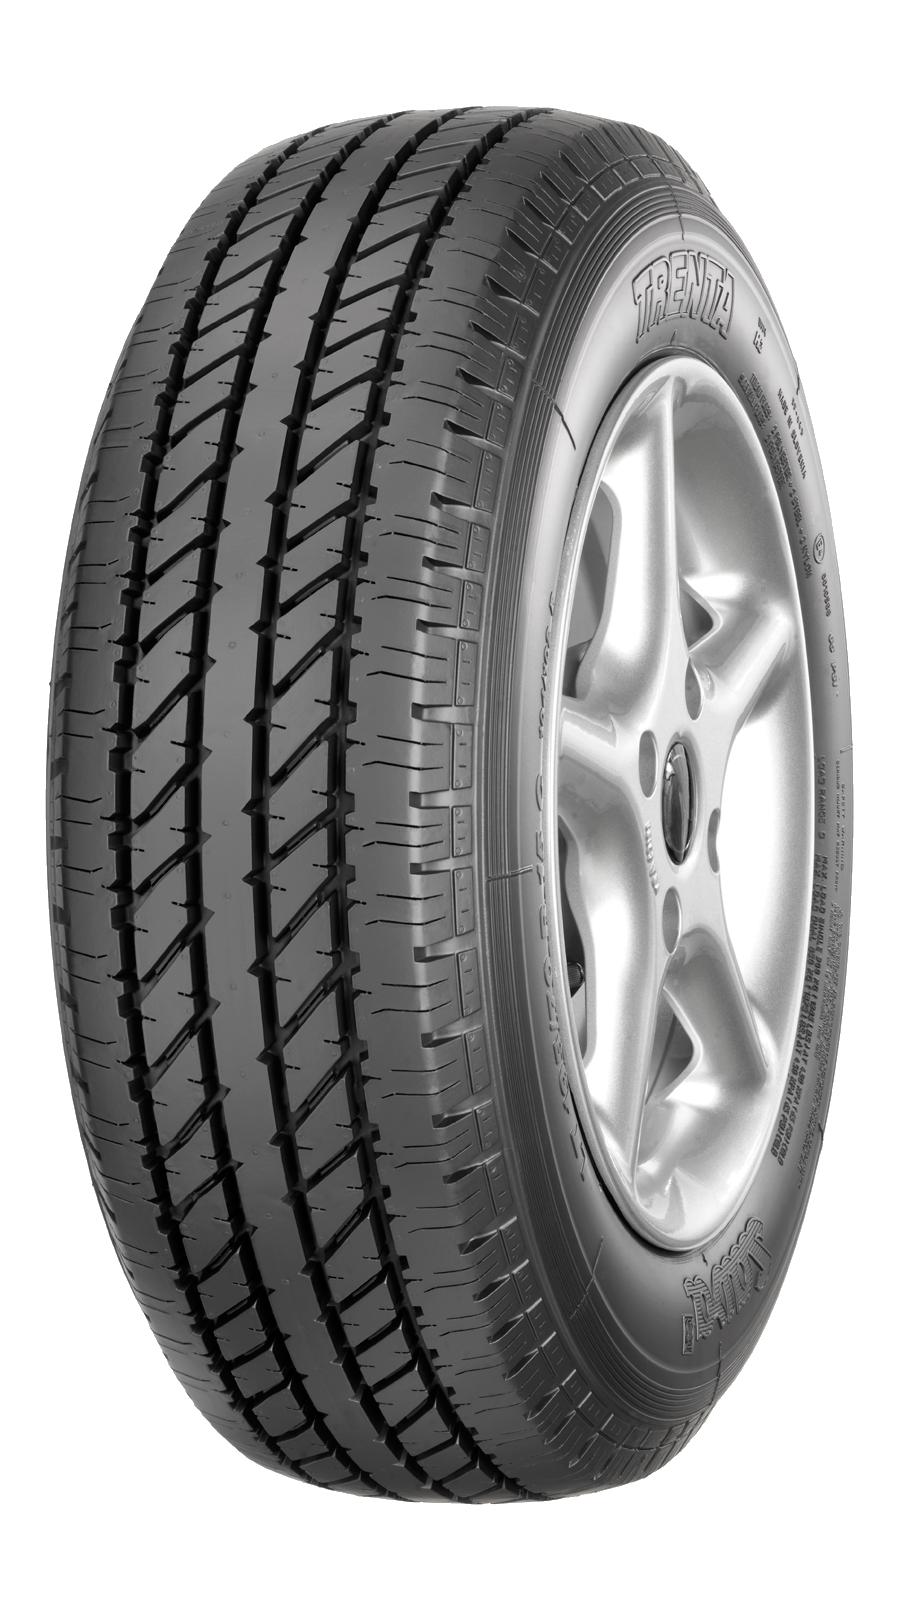 Neumático SAVA TRENTA 215/65R16 109 R